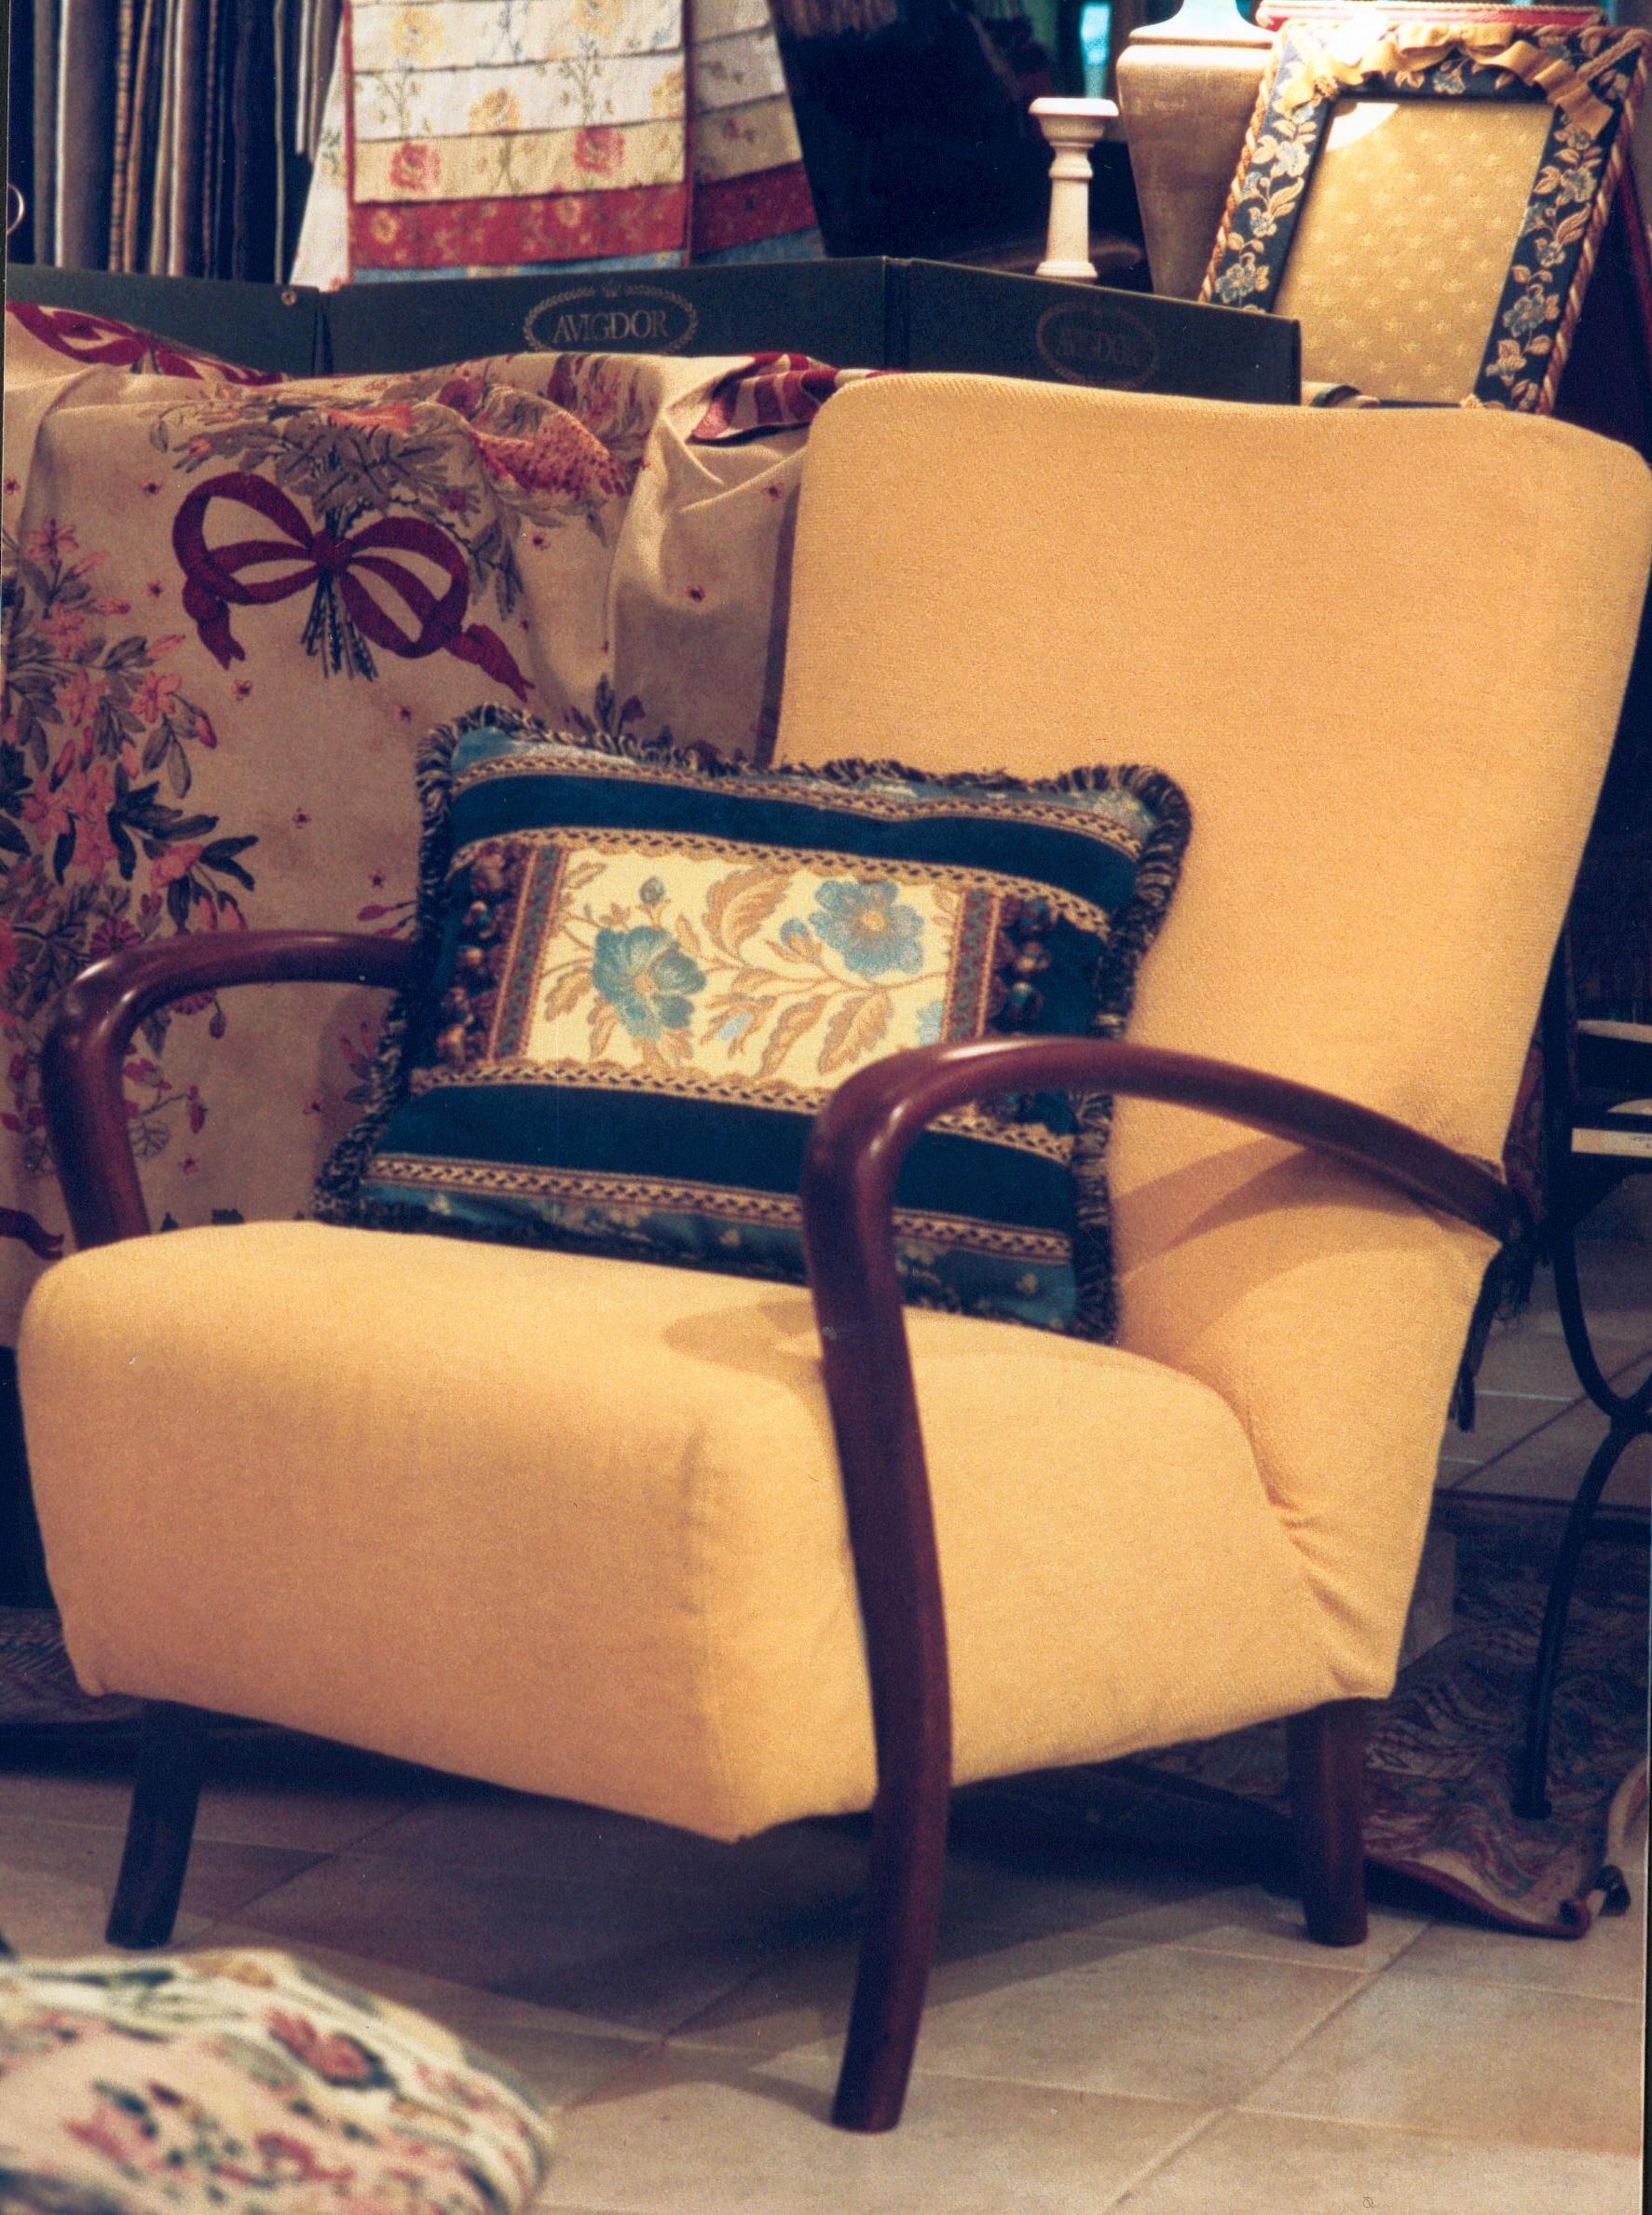 La tappezzeria a trieste rinnovo divani poltrone for Poltroncine colorate